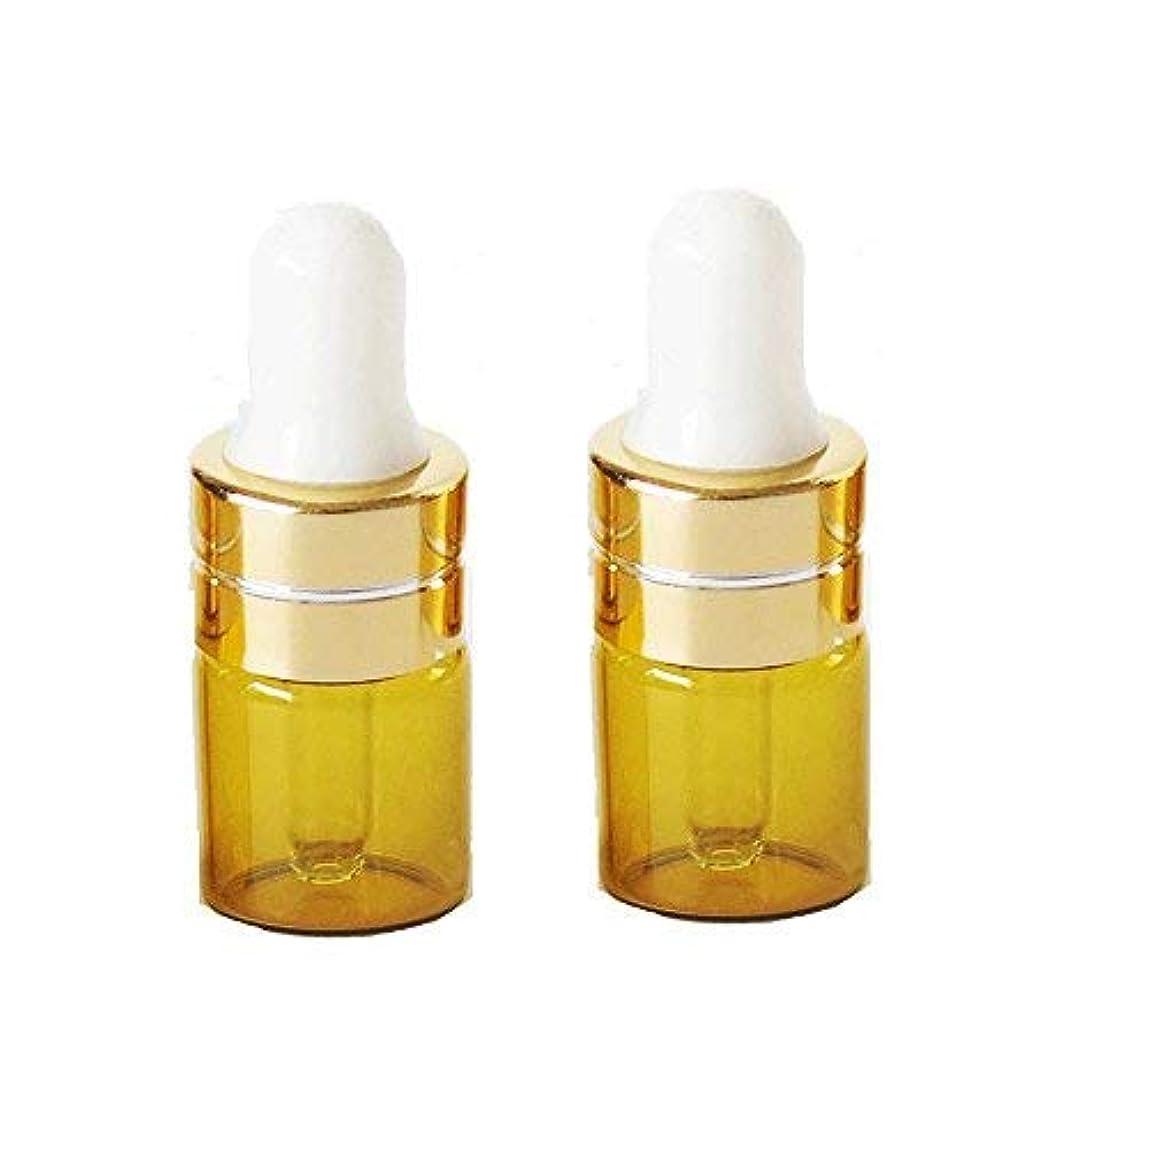 ヘルシーキャンドル寄稿者Grand Parfums 1ml Amber Glass Dropper Bottles with Gold Caps and White Bulb for Essential Oil, Serums, Makeups...